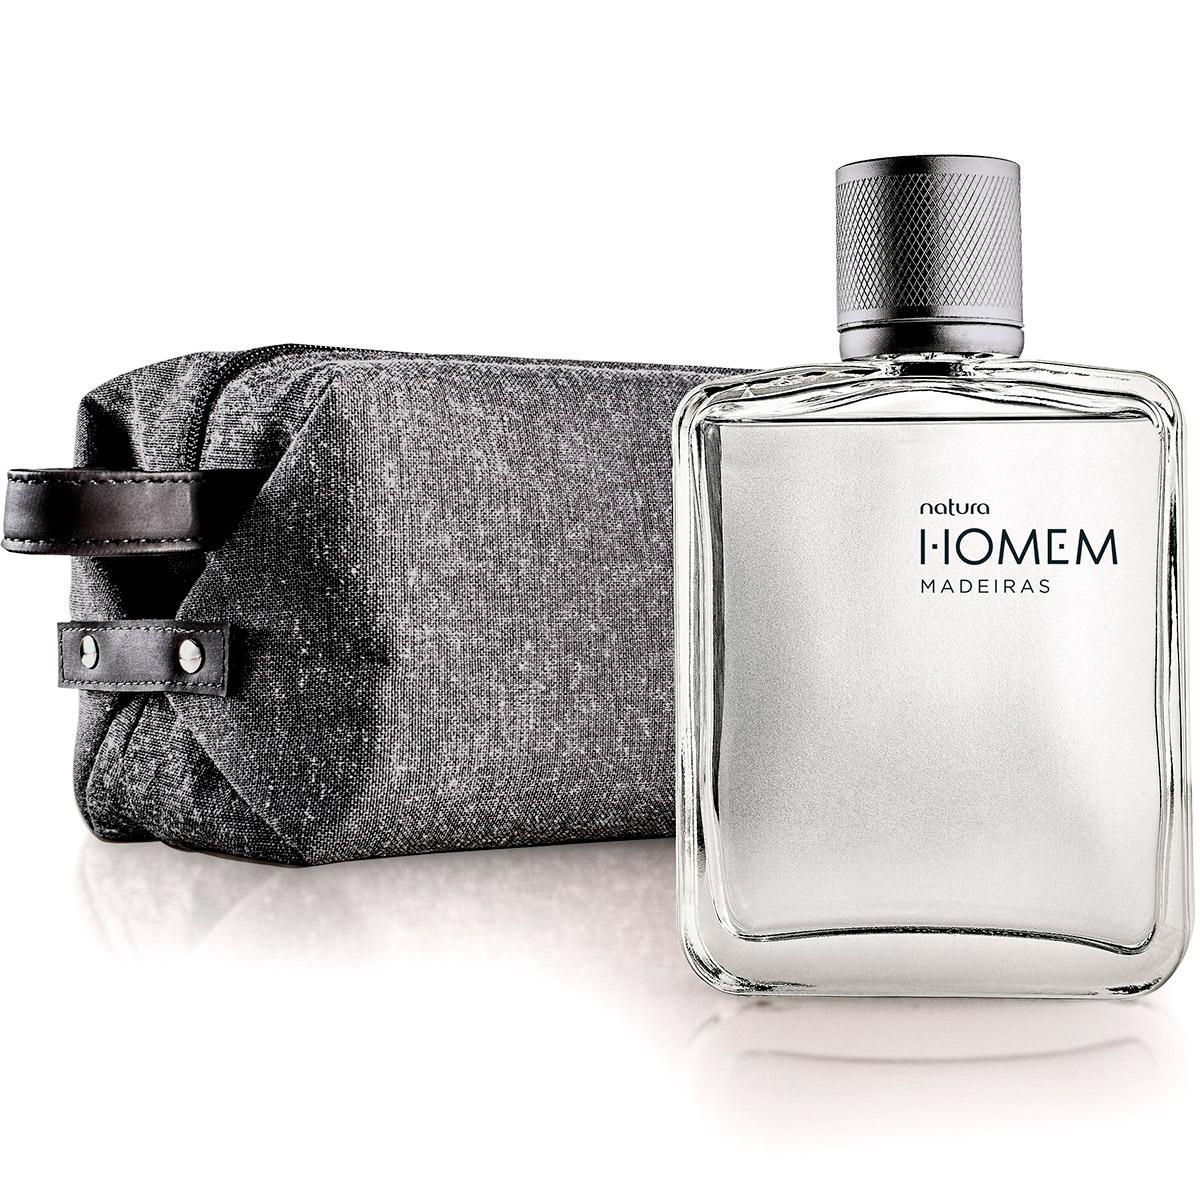 Presente Natura Homem Madeiras - Desodorante Colônia + Nécessaire + Embalagem - 77958